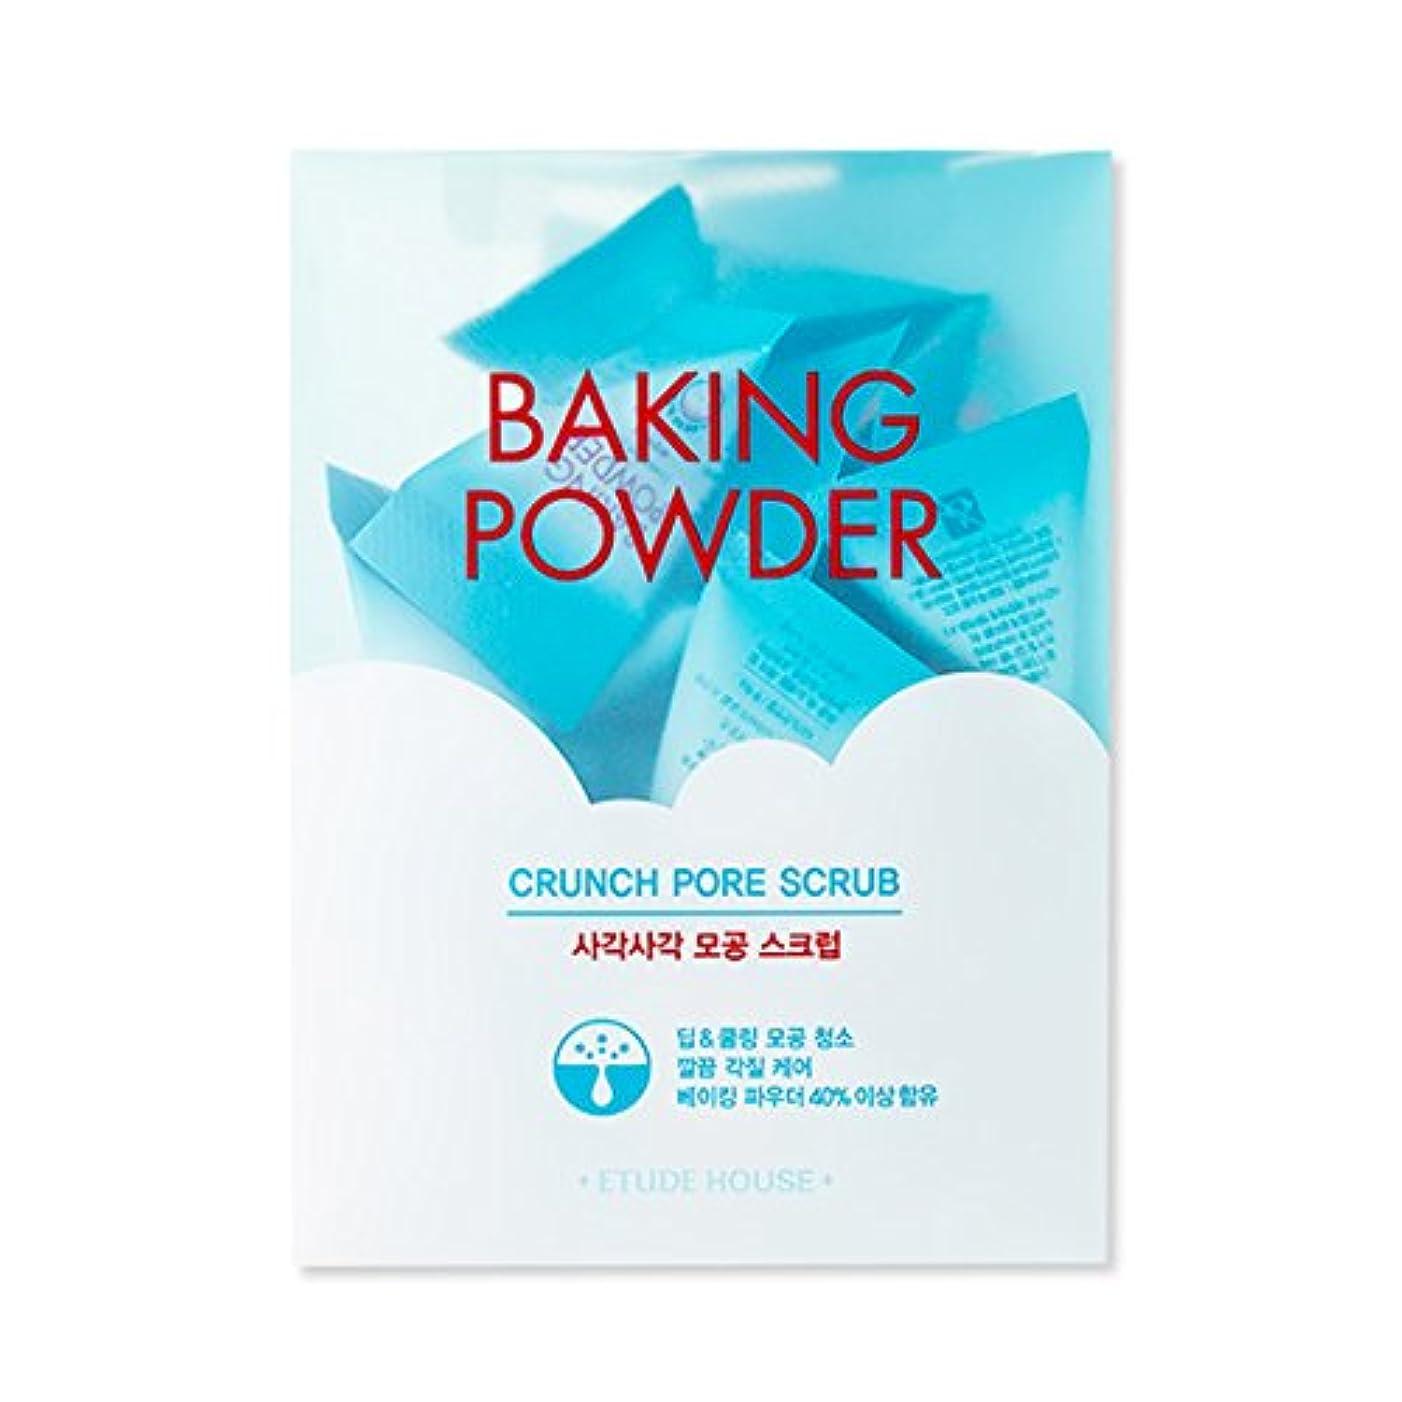 物思いにふける魅惑するカバー[2016 Upgrade!] ETUDE HOUSE Baking Powder Crunch Pore Scrub 7g×24ea/エチュードハウス ベーキング パウダー クランチ ポア スクラブ 7g×24ea [...